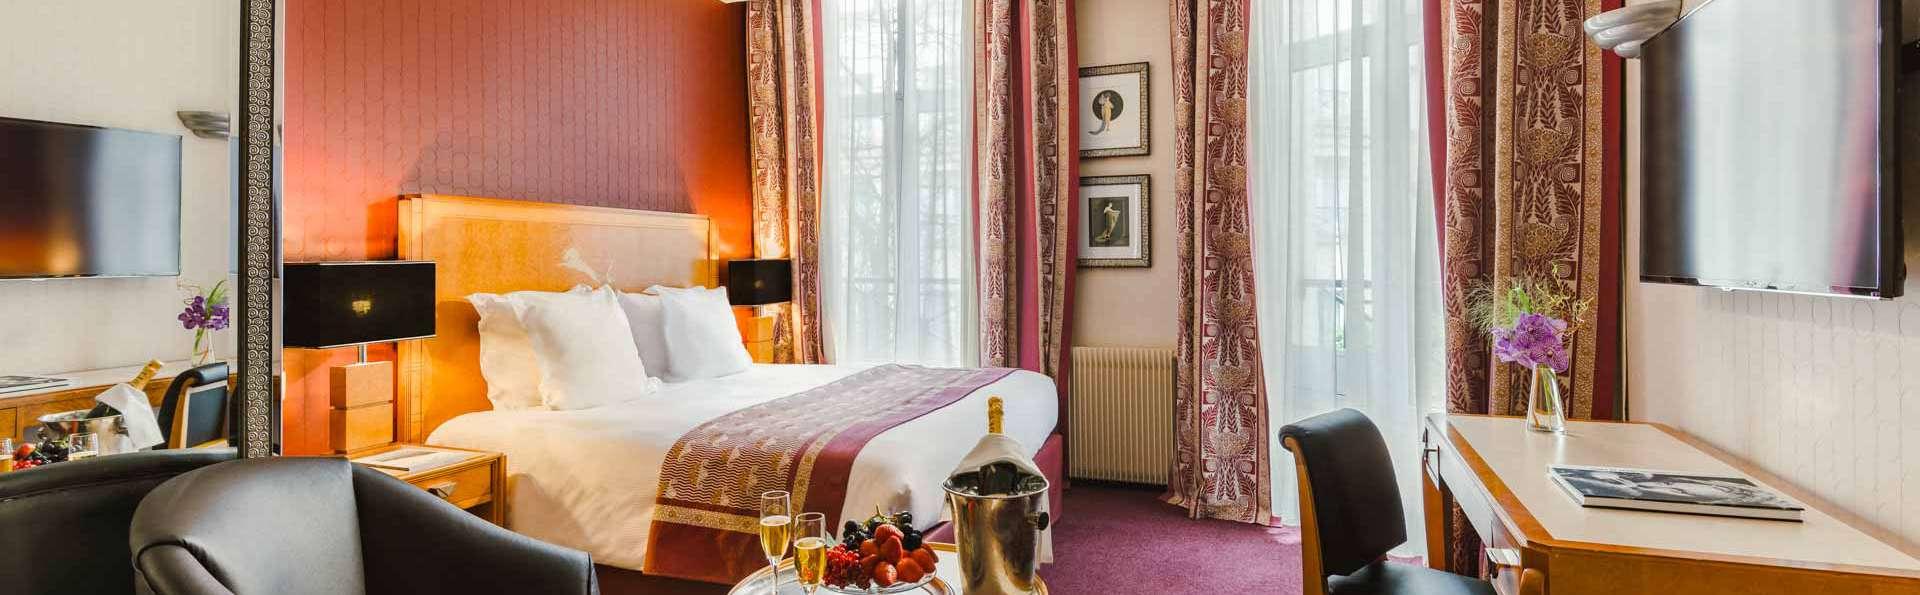 Virée citadine et spa dans le Marais parisien